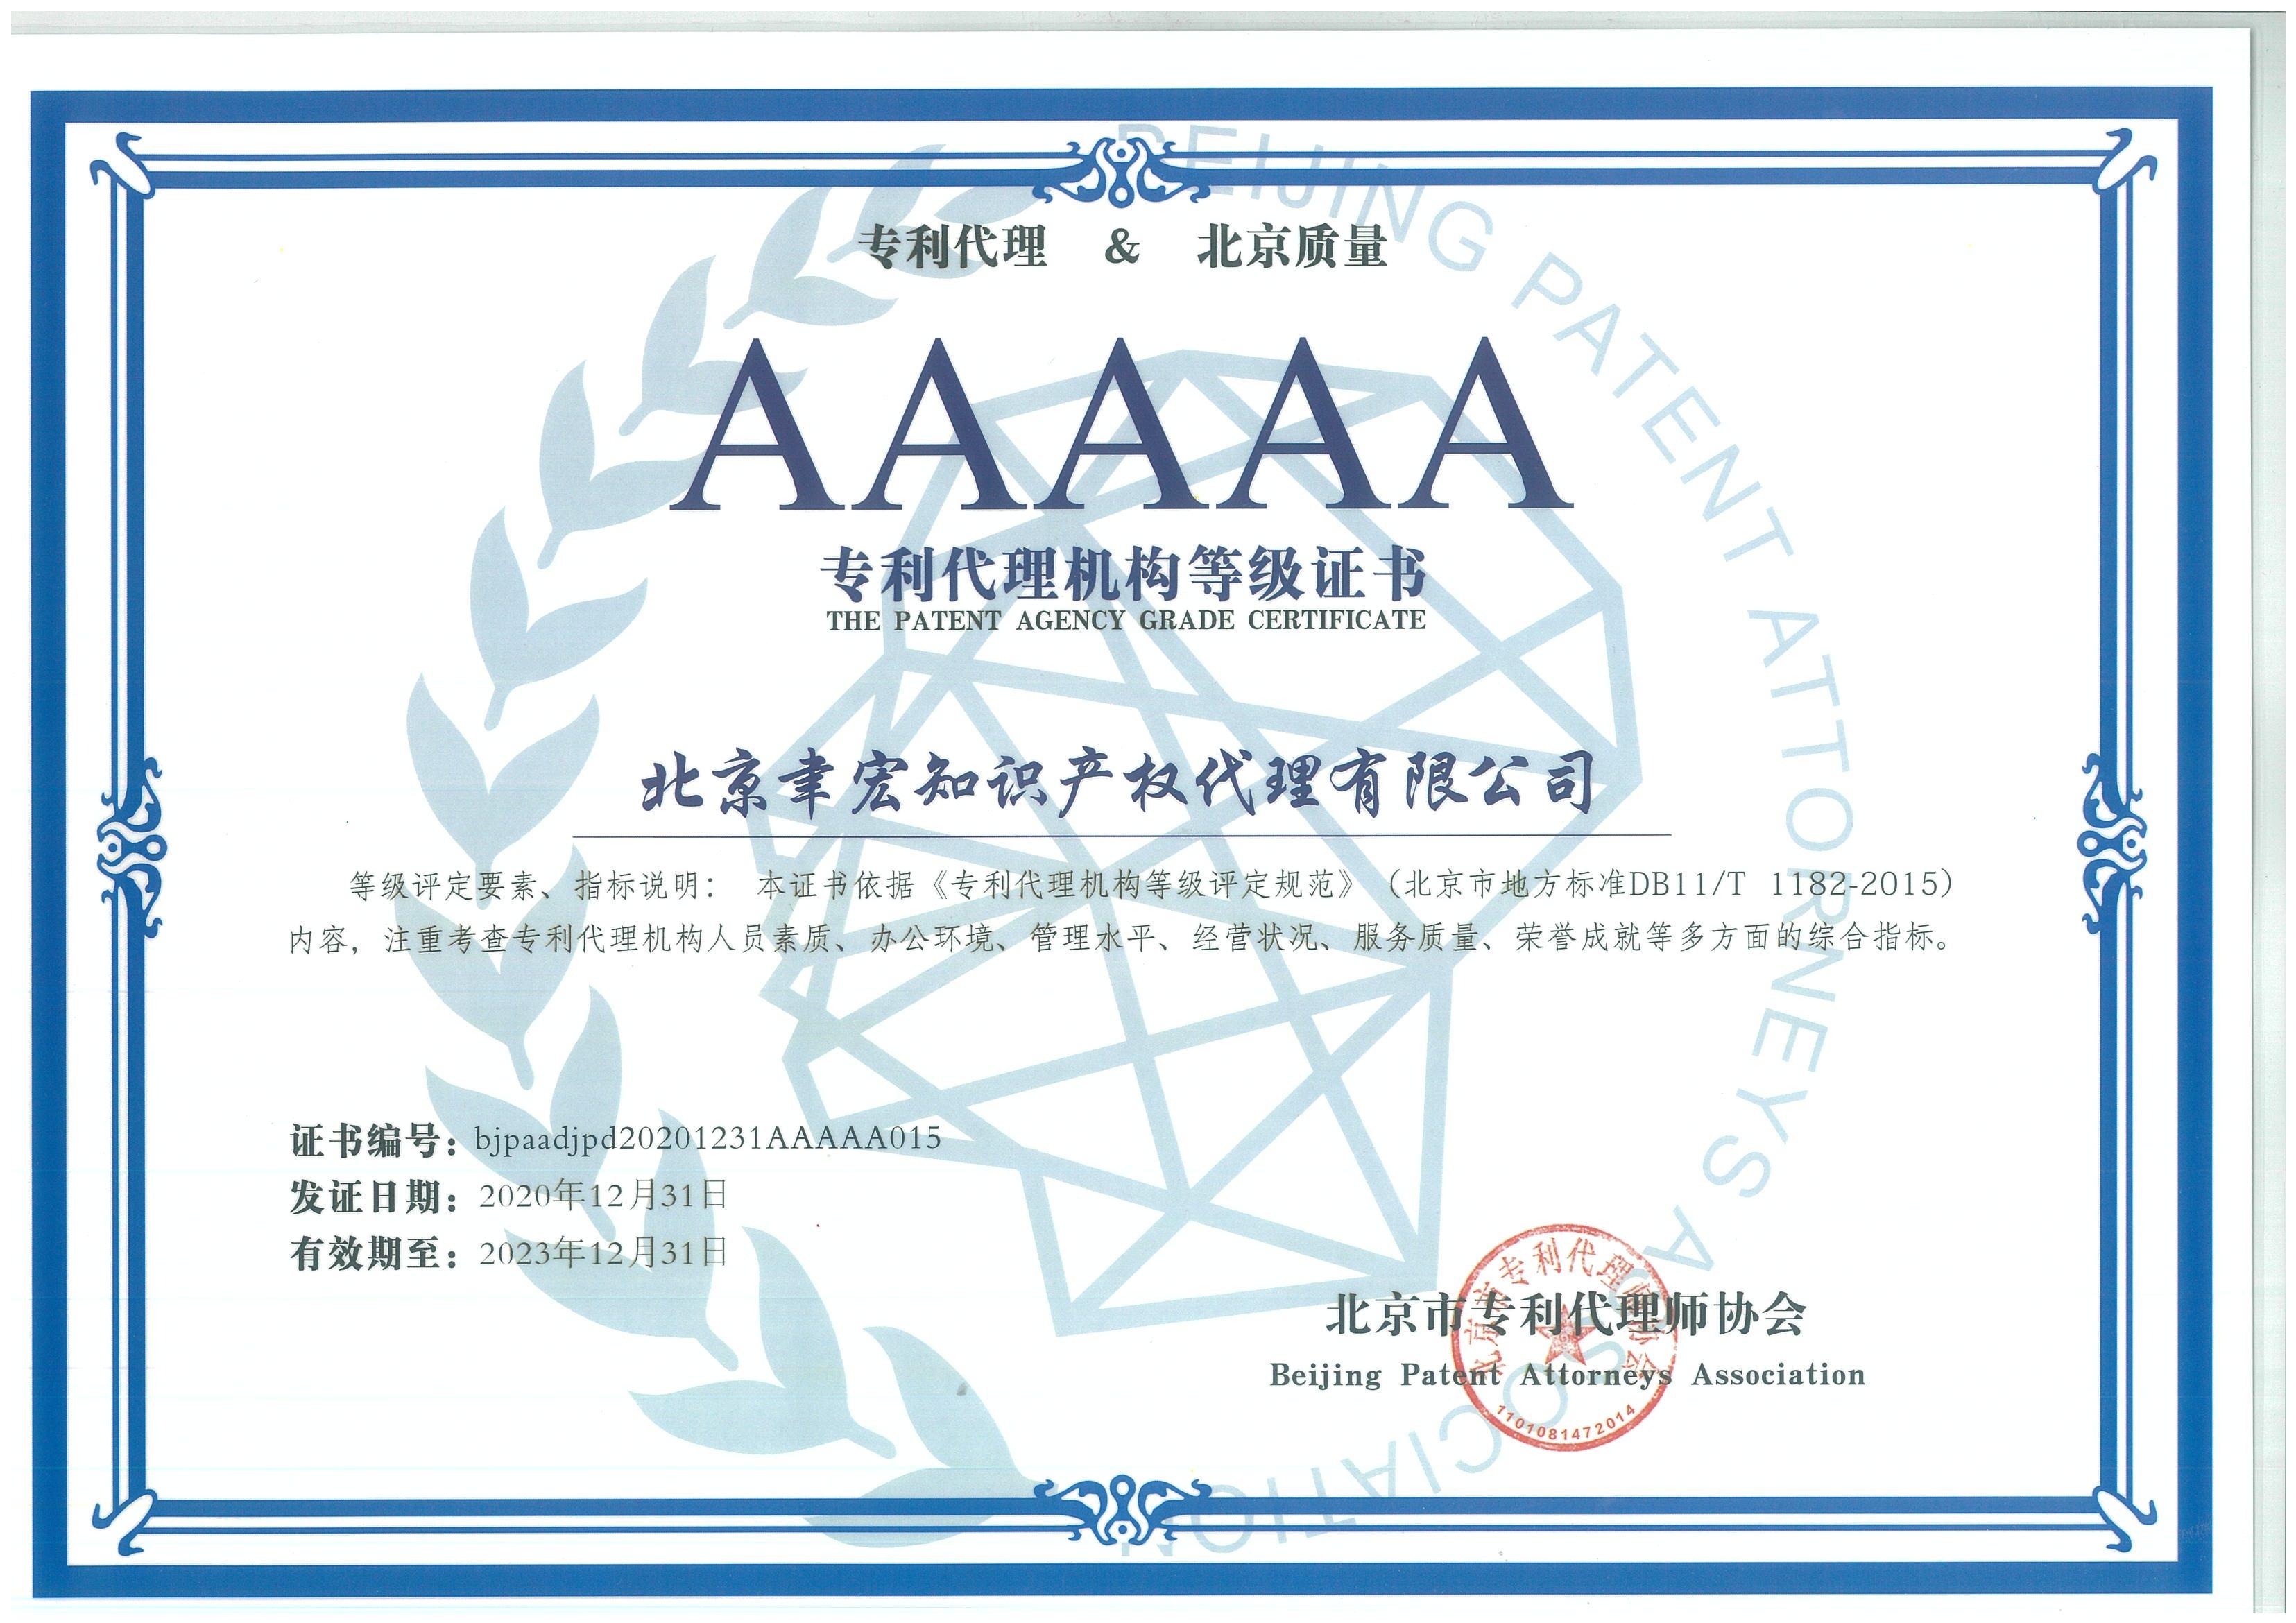 专利代理机构登记证书5A证书